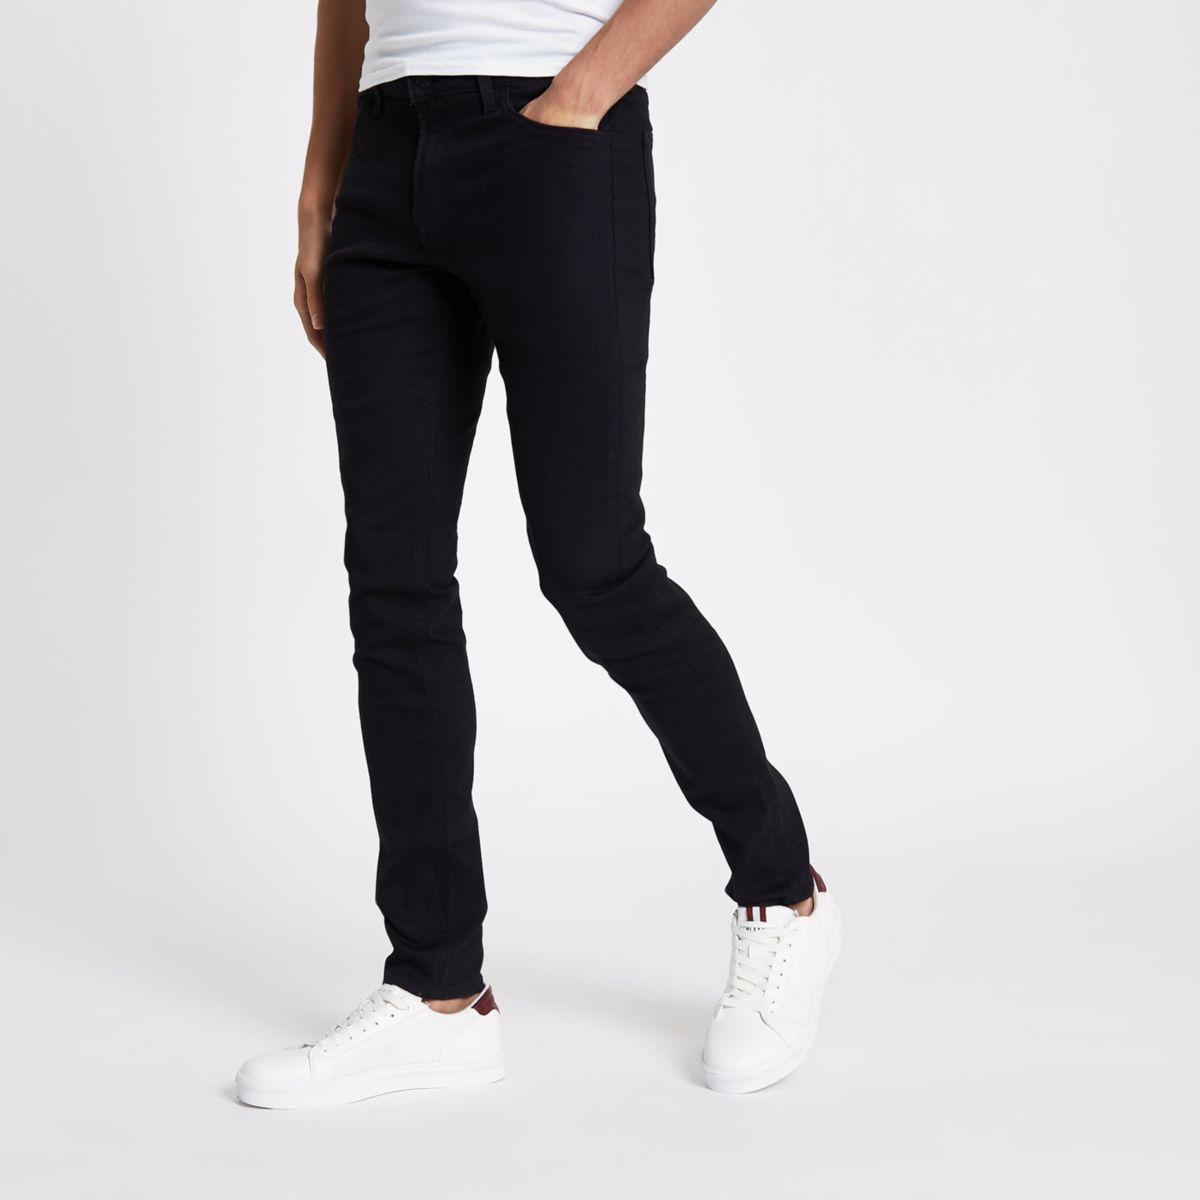 Black Lee skinny fit jeans